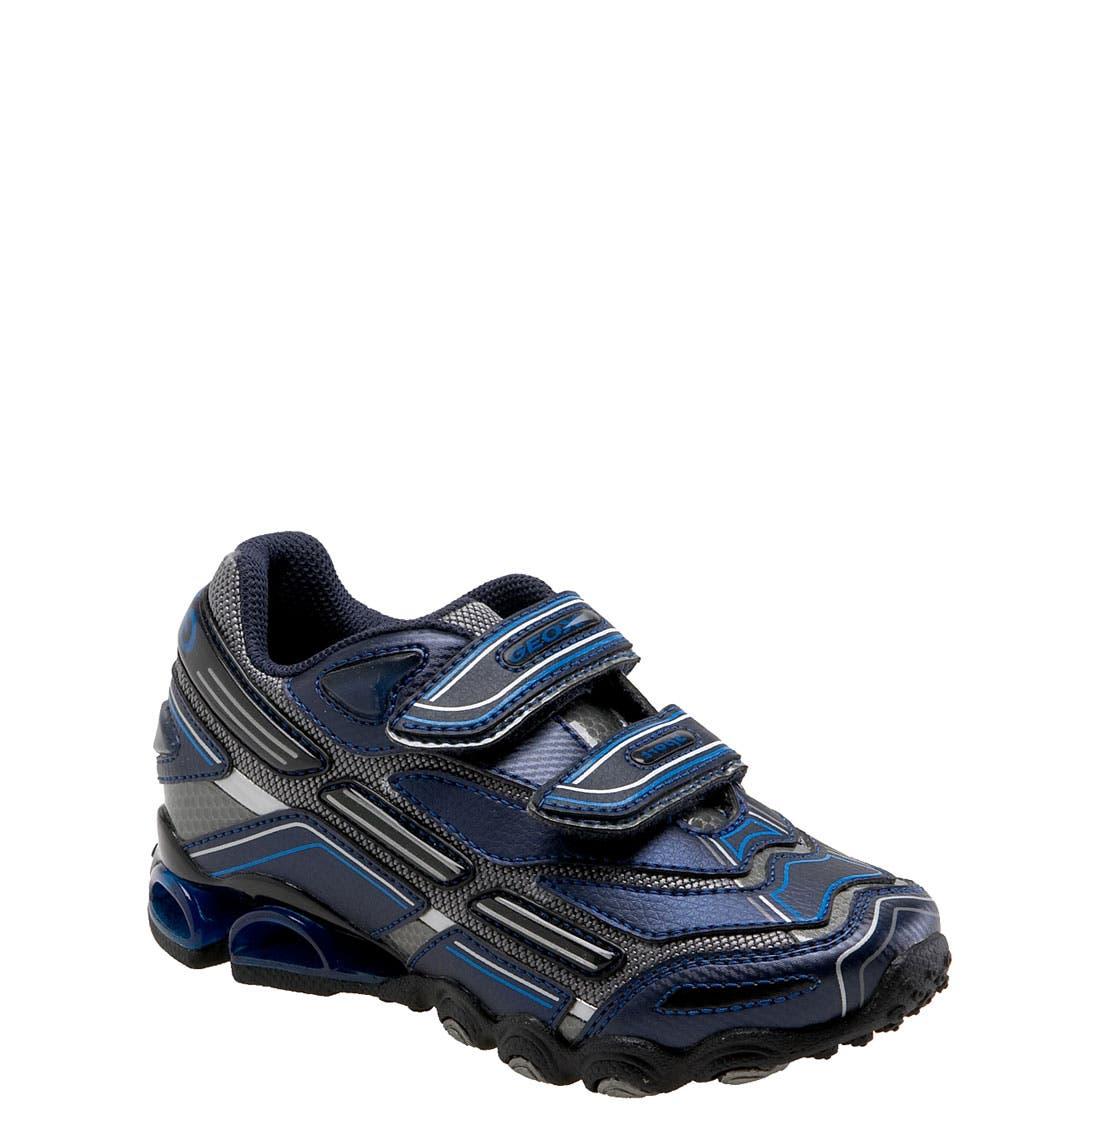 Alternate Image 1 Selected - Geox 'Tornado' Sneaker (Toddler, Little Kid & Big Kid)